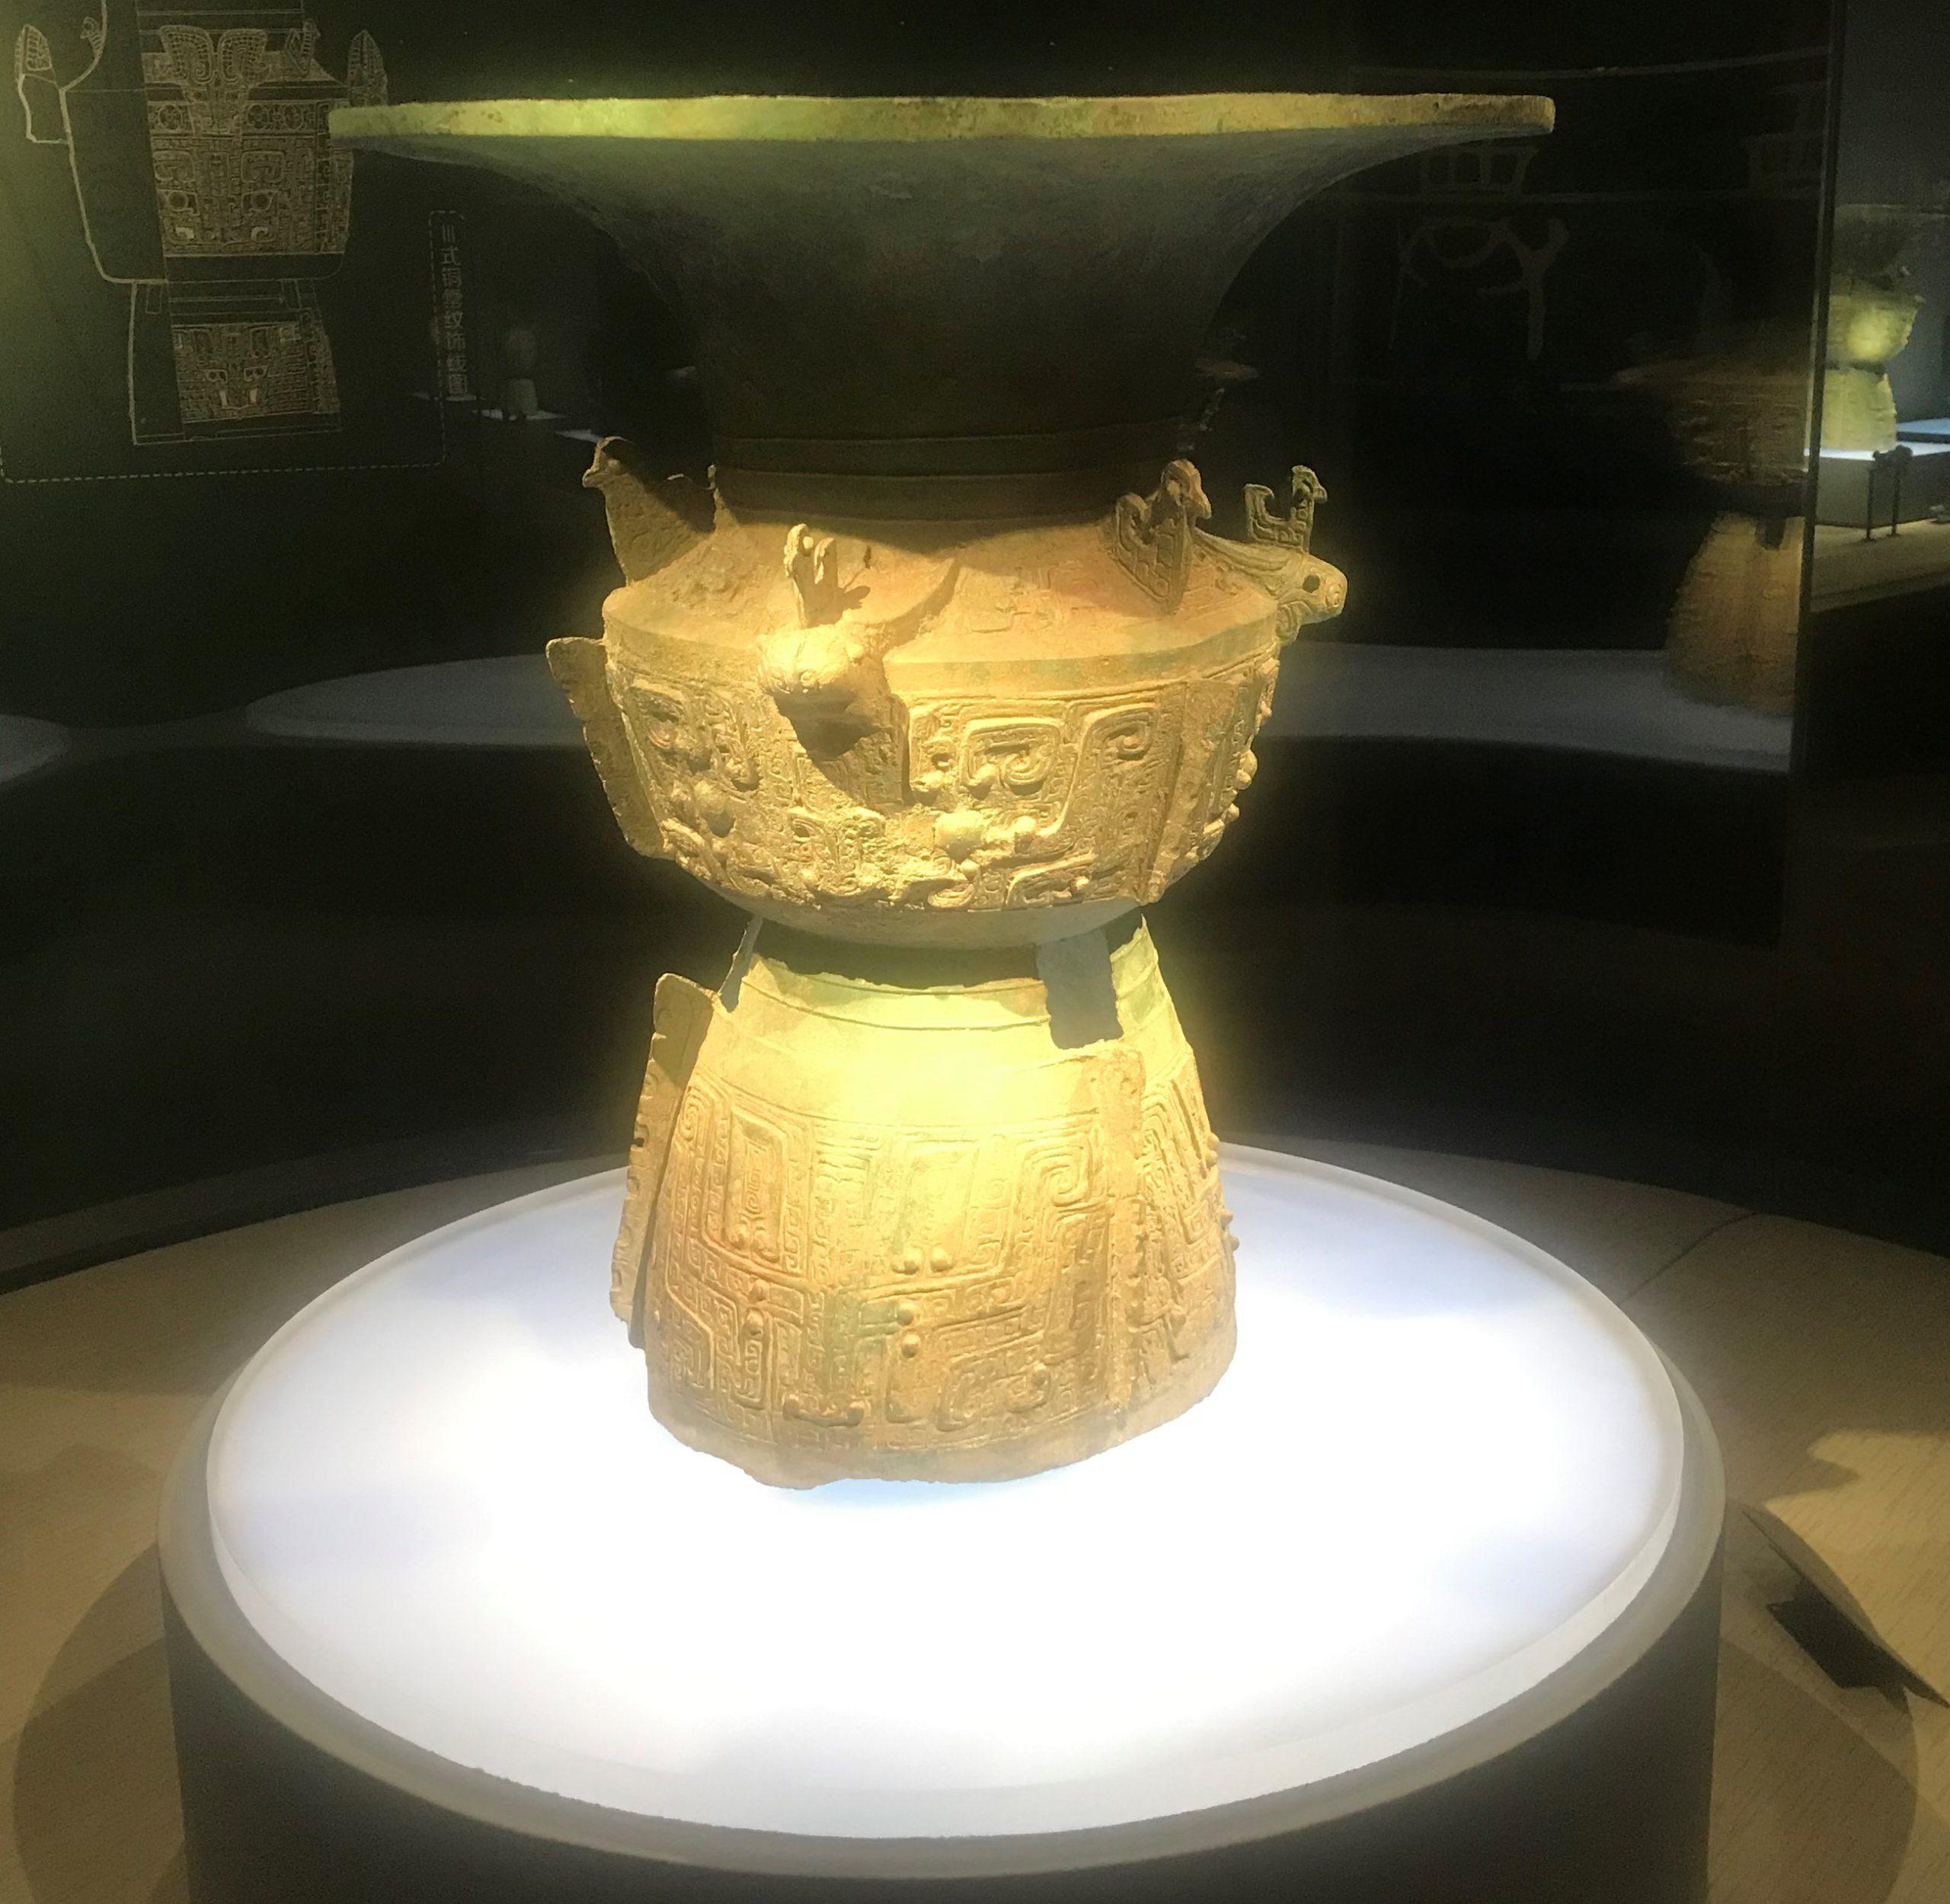 青銅尊1-青銅器館-三星堆博物館-広漢市-徳陽市-四川省